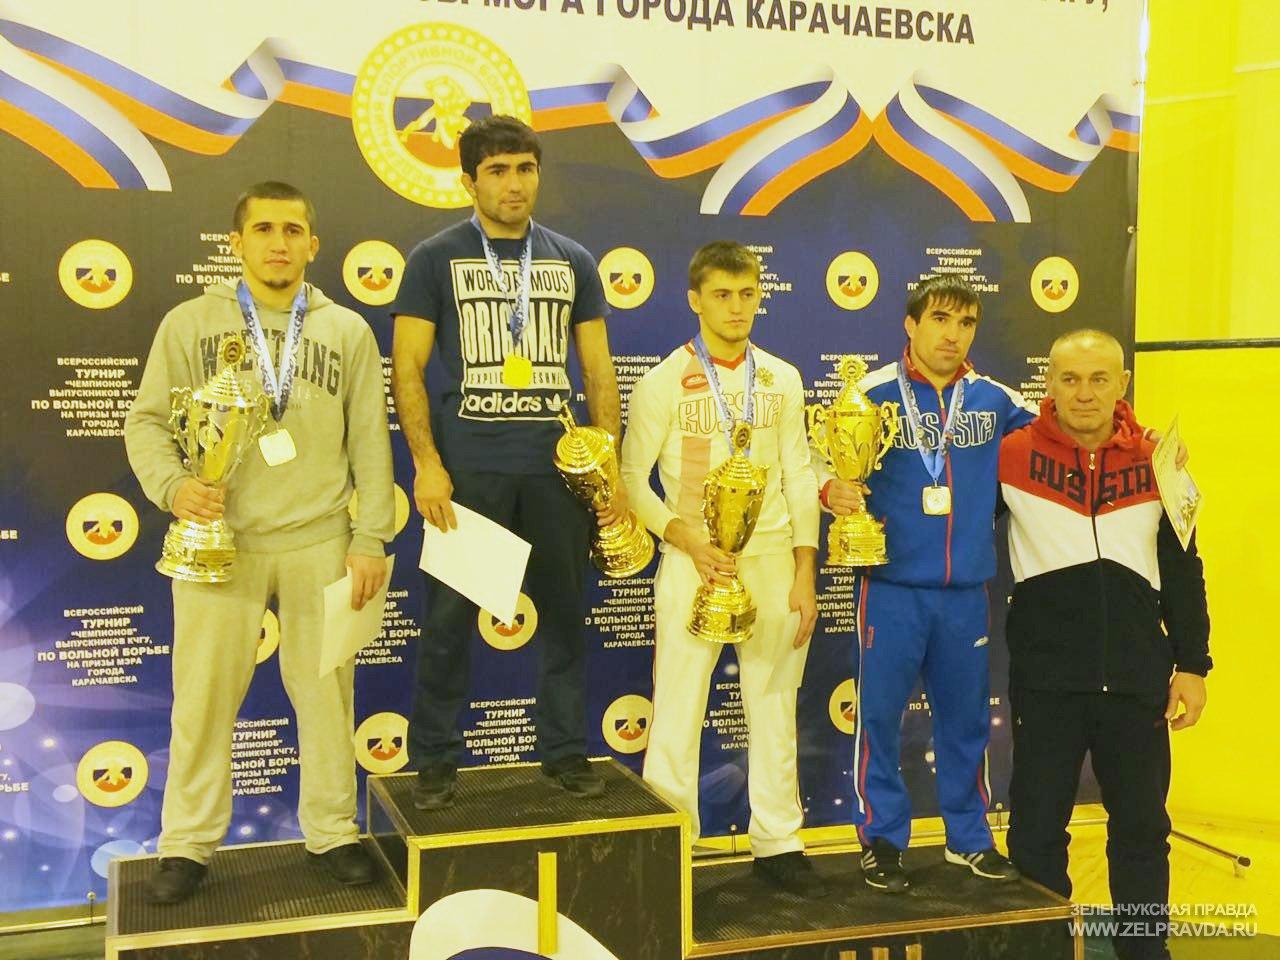 Спортсмен из Зеленчукского района призер Всероссийского турнира «Чемпионов»